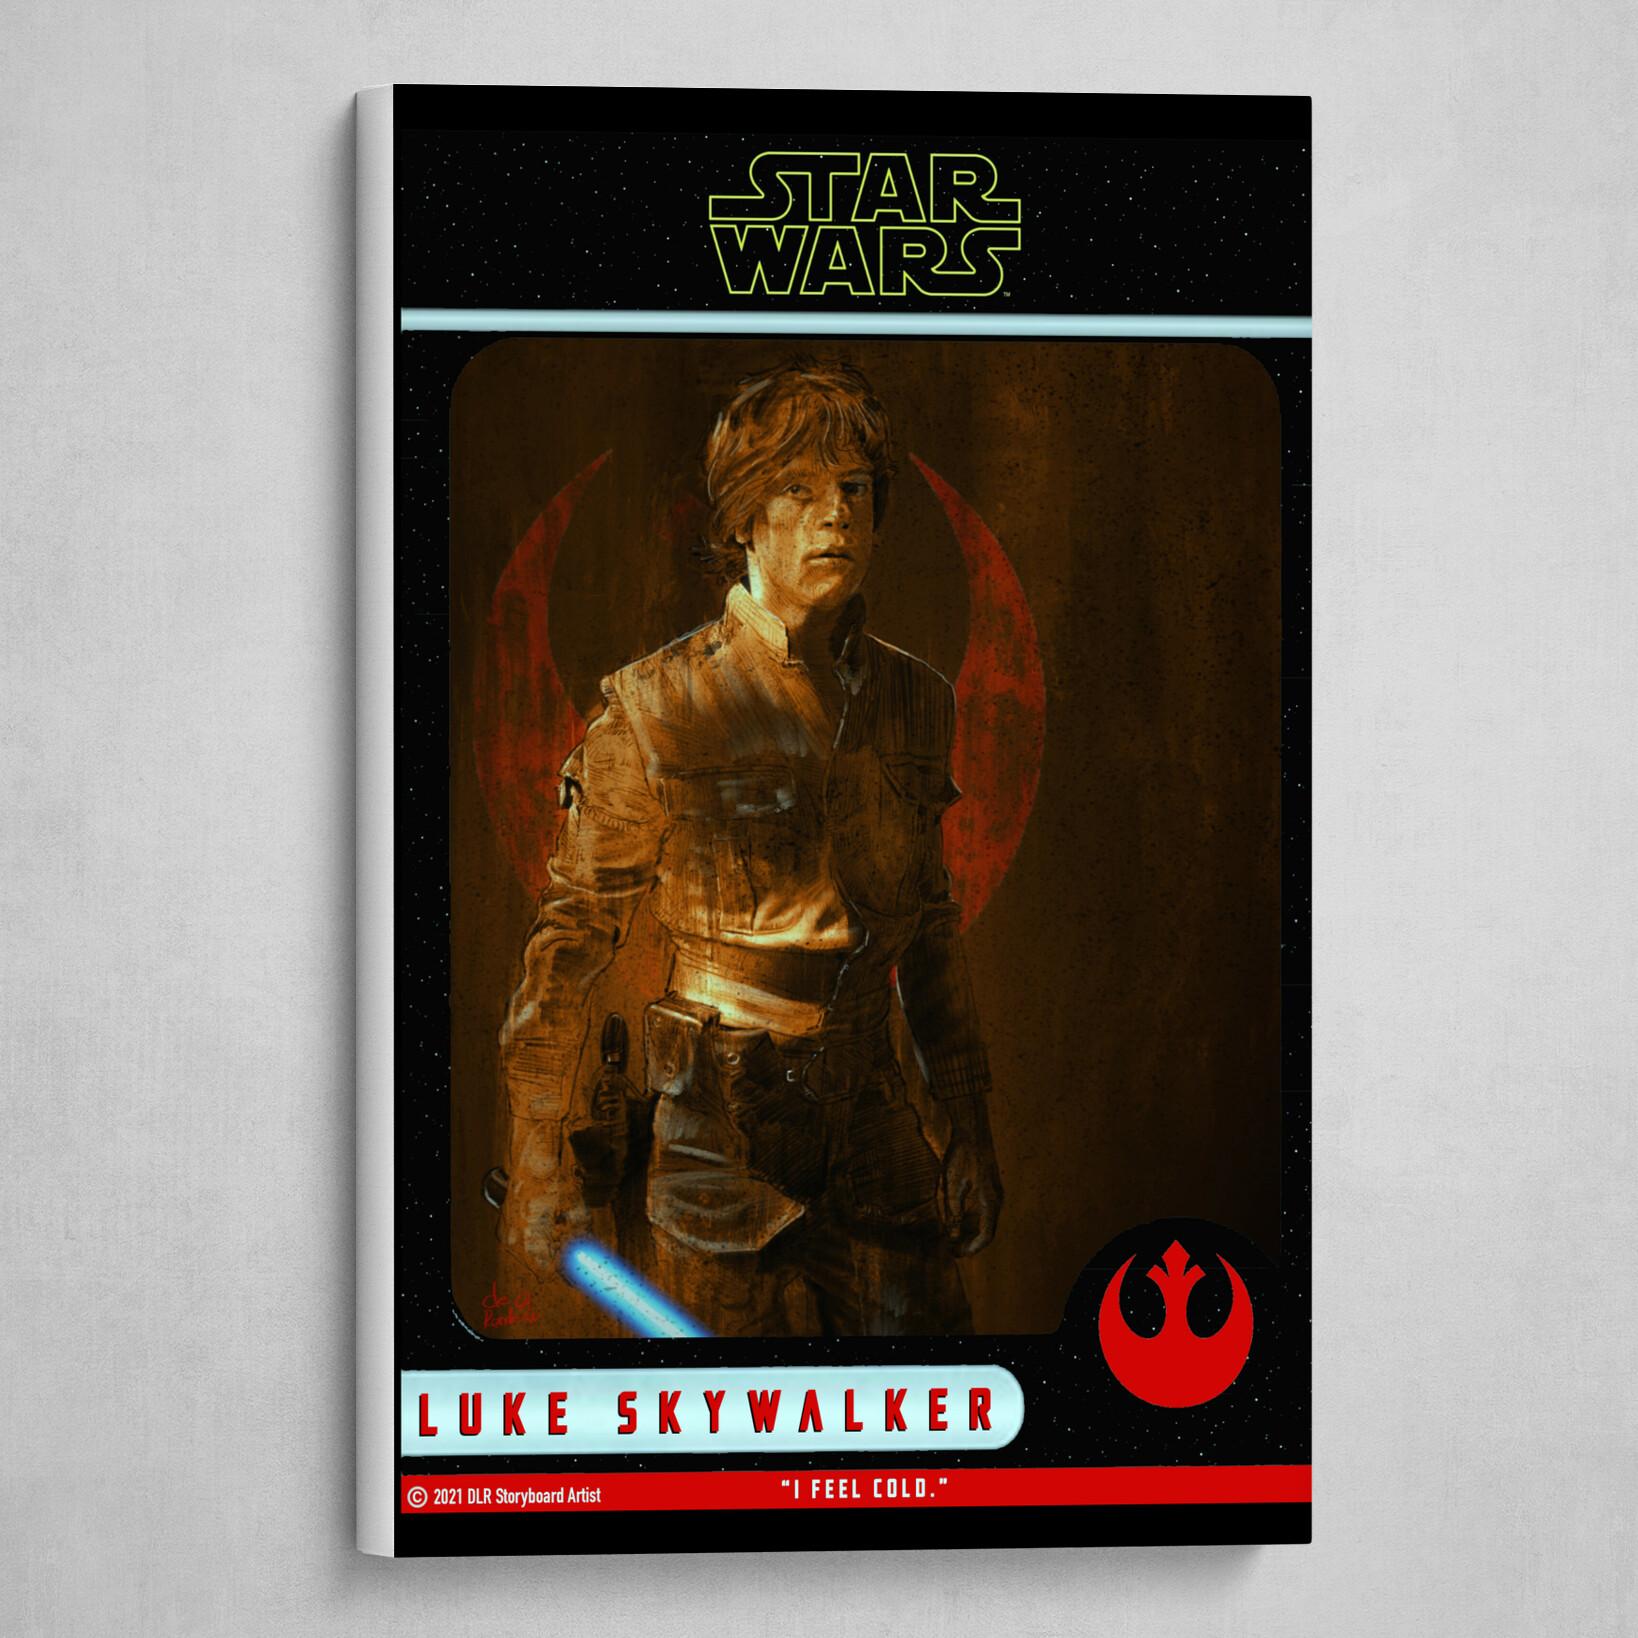 Luke Skywalker Poster (Trading Card Style)